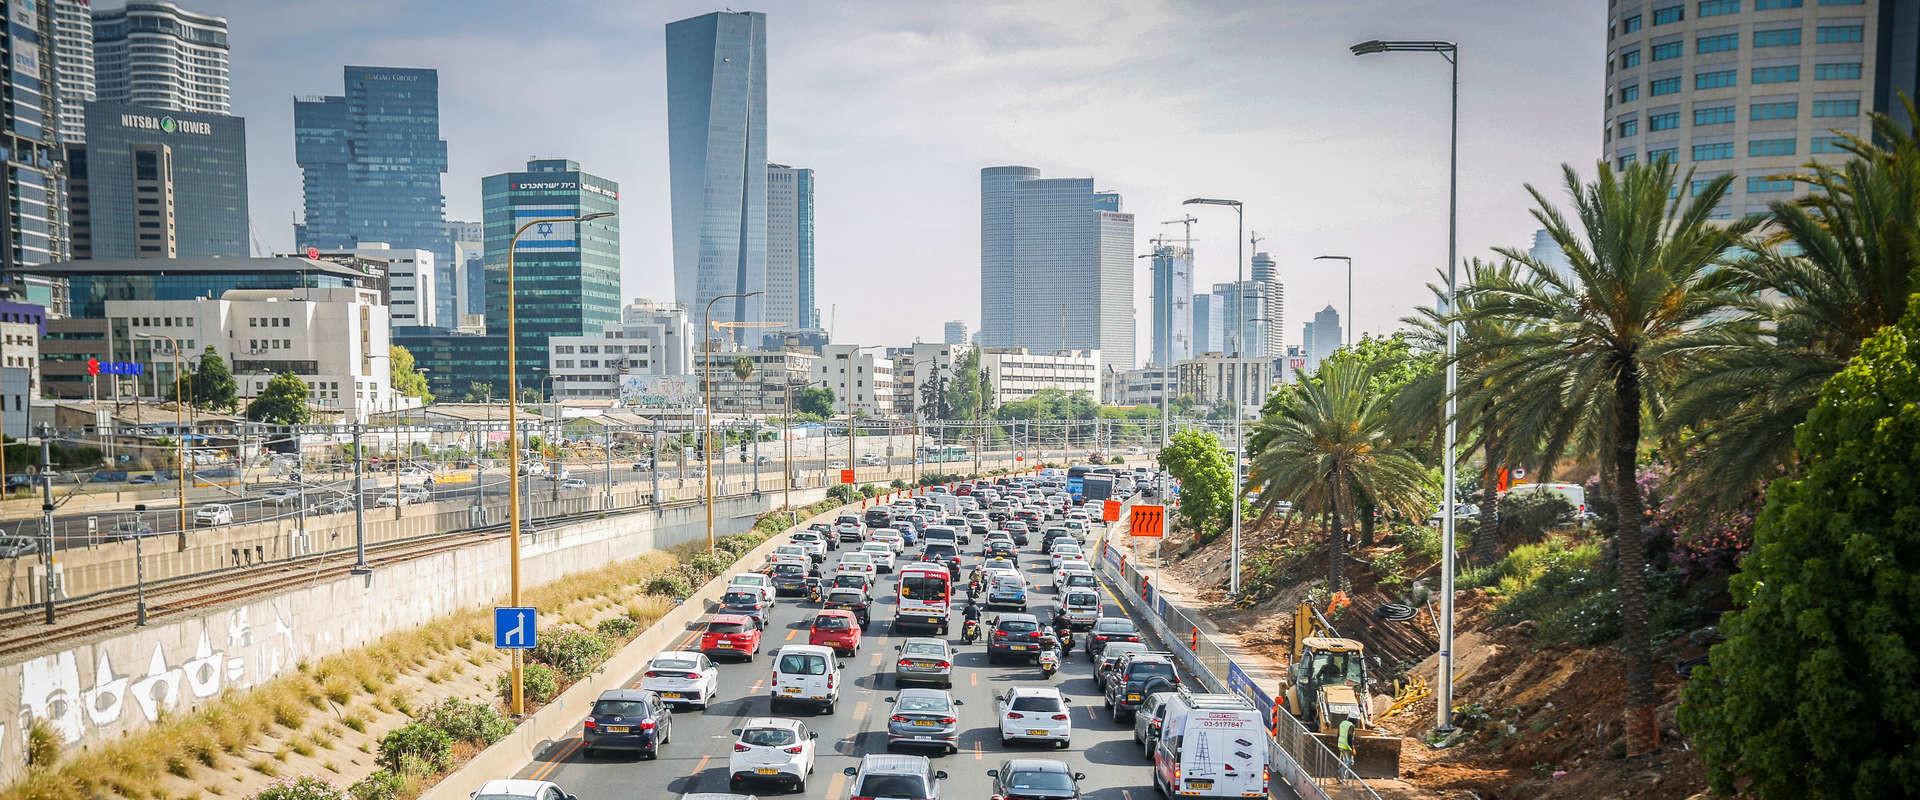 פקק תנועה בנתיבי איילון בגלל עבודות בכביש, יוני 2020 (צילום: פלאש 90)